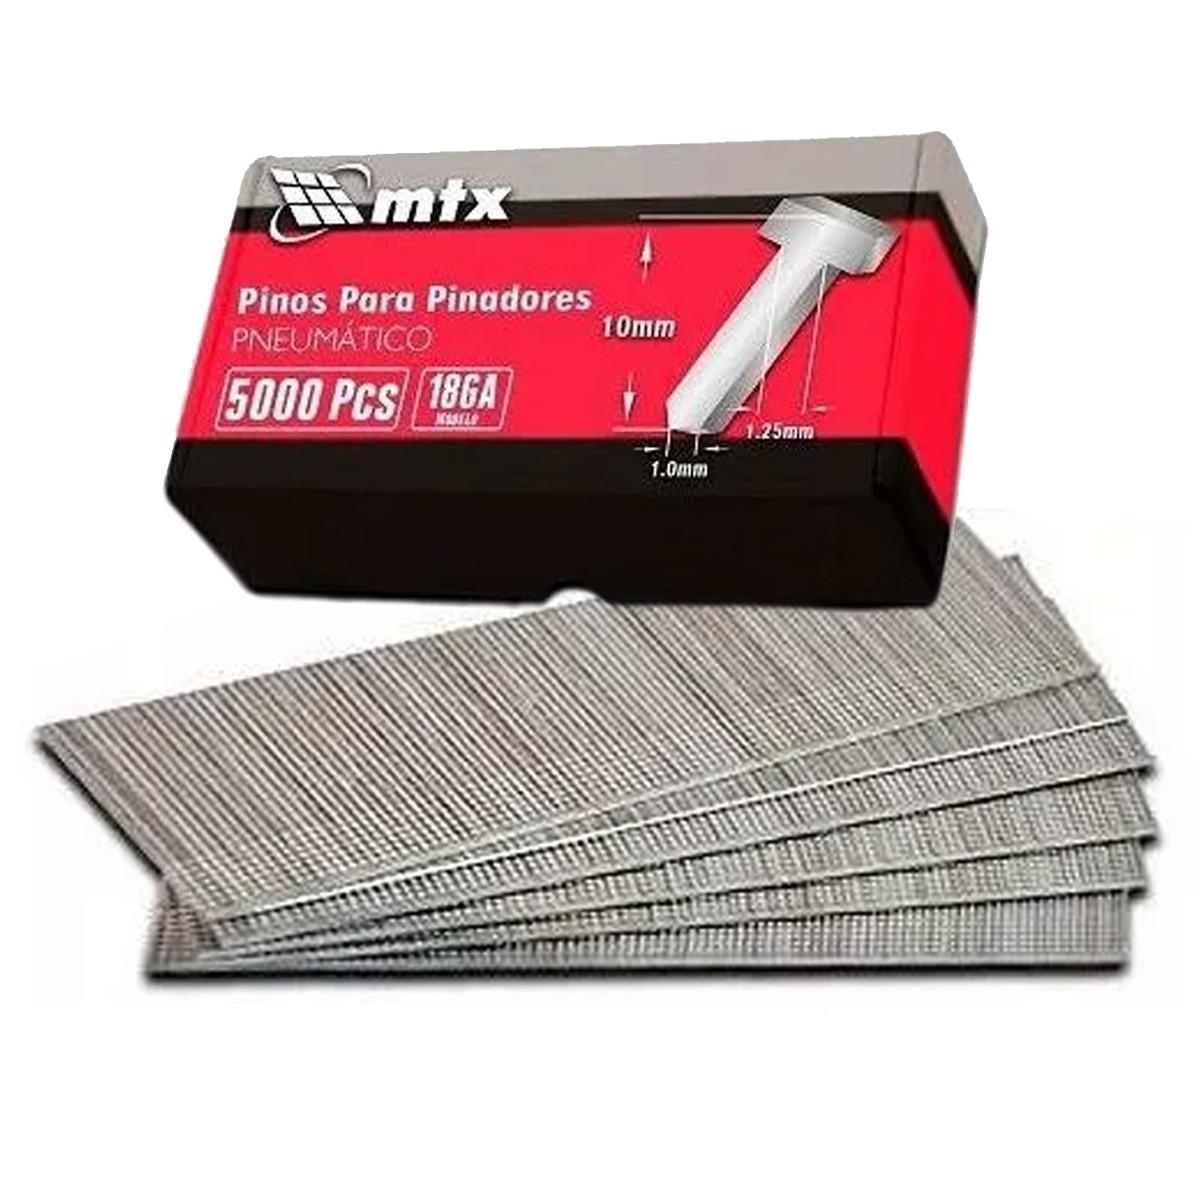 Pinos Prego 10mm Para Pinadores Pneumáticos Caixa 5000 pçs